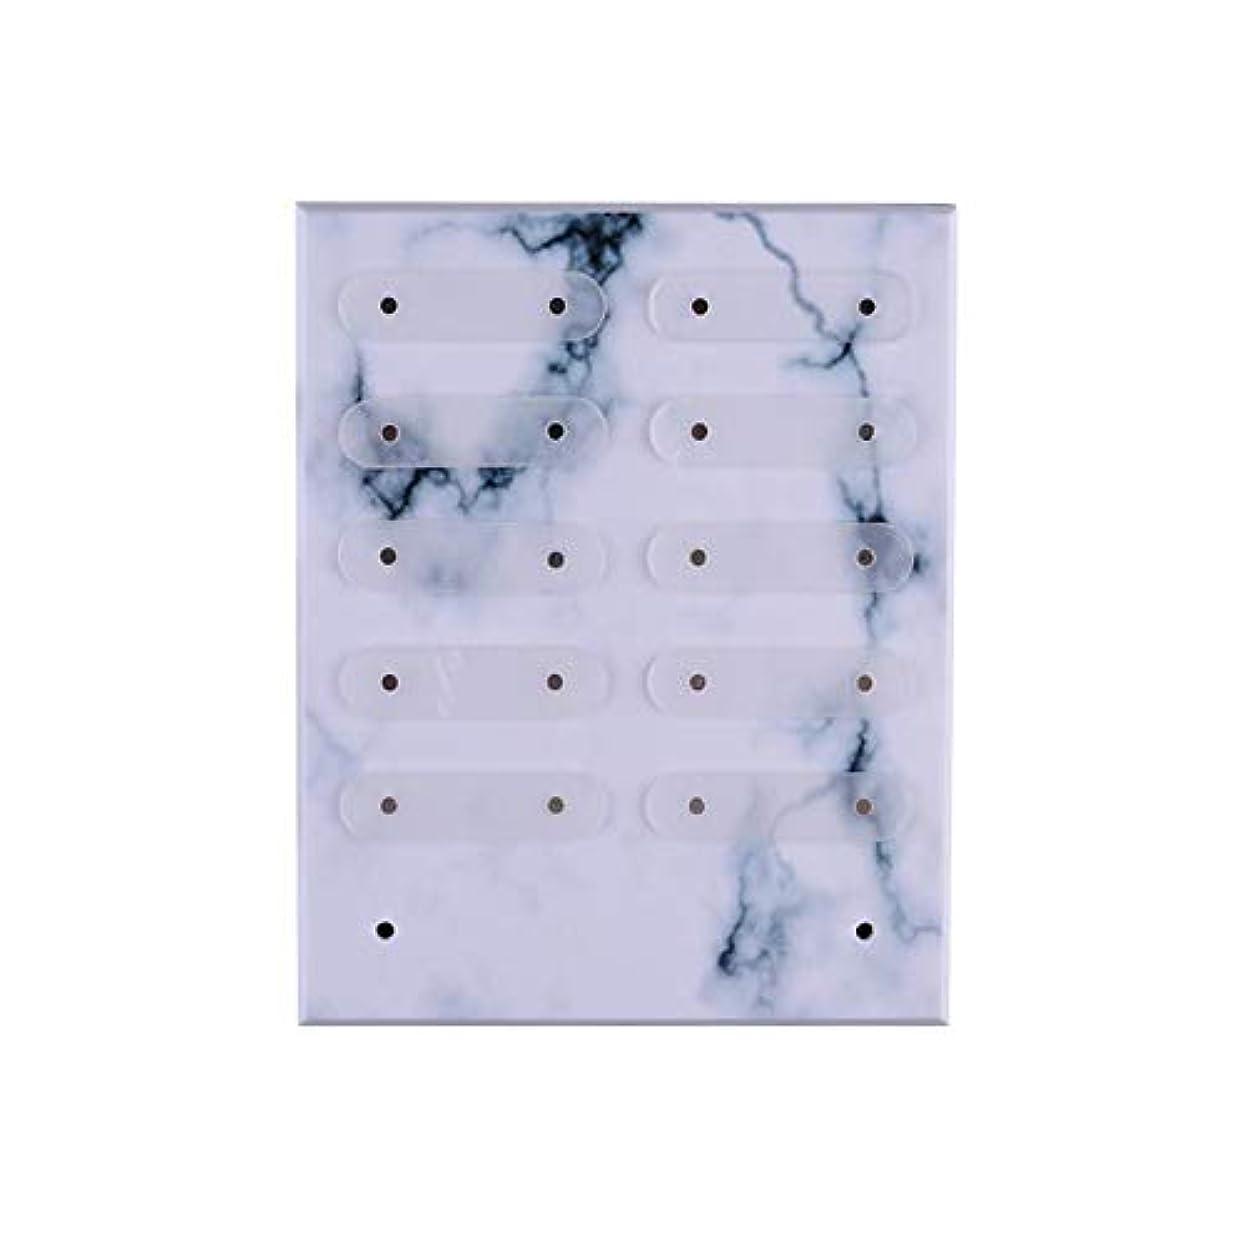 修正する大腿精度Brill(ブリーオ) 三次元Magnetadsorptionネイルアートの表示には、ネイルサロン/マニキュア/ペディキュアのための適切な着脱式スタンド